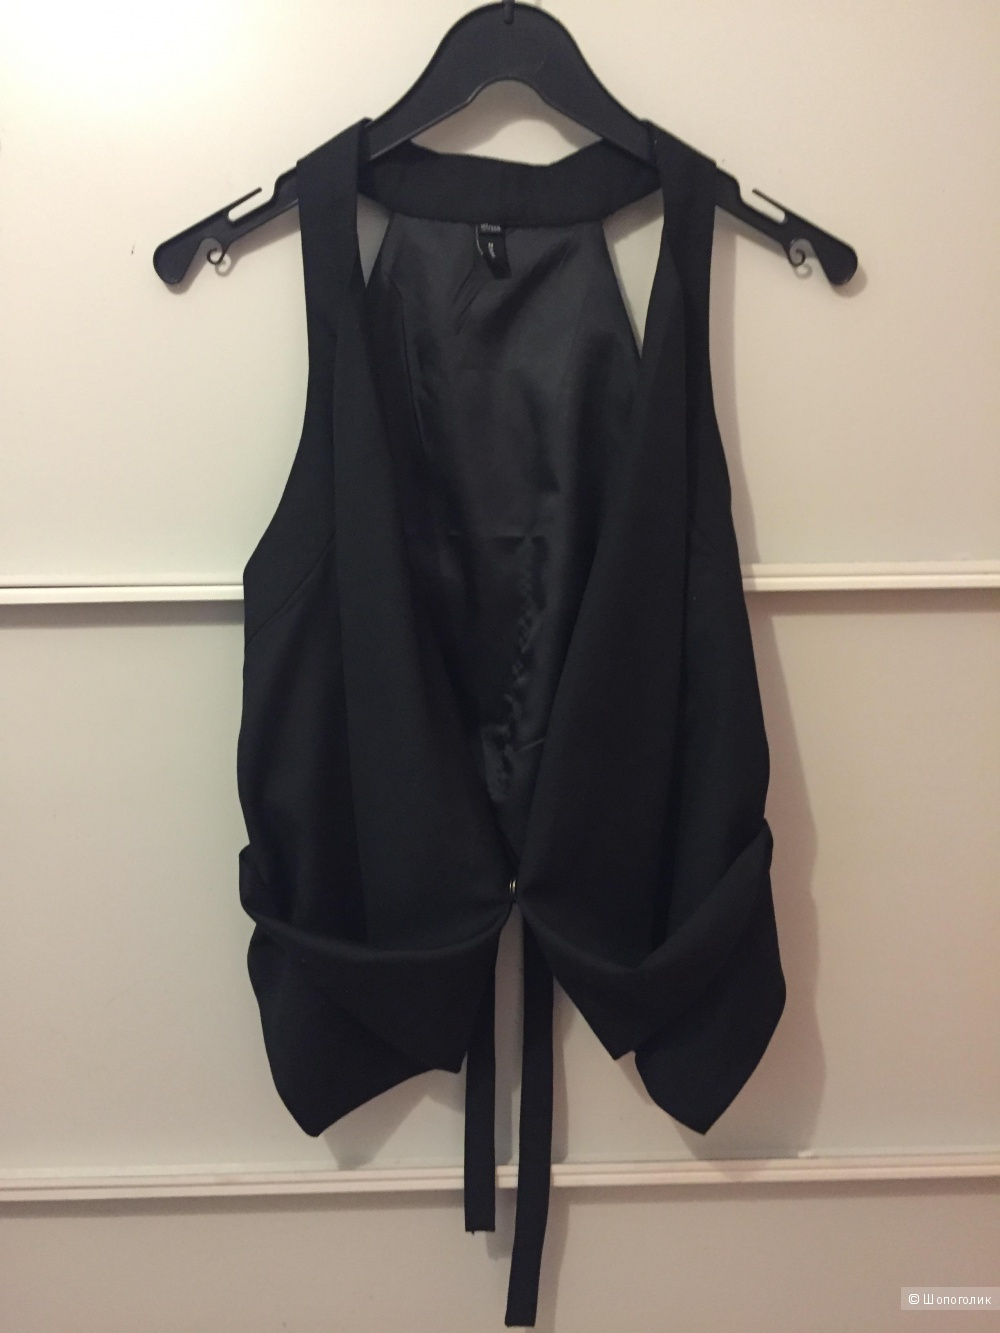 Жилетка Zara, цвет чёрный, размер 40-42